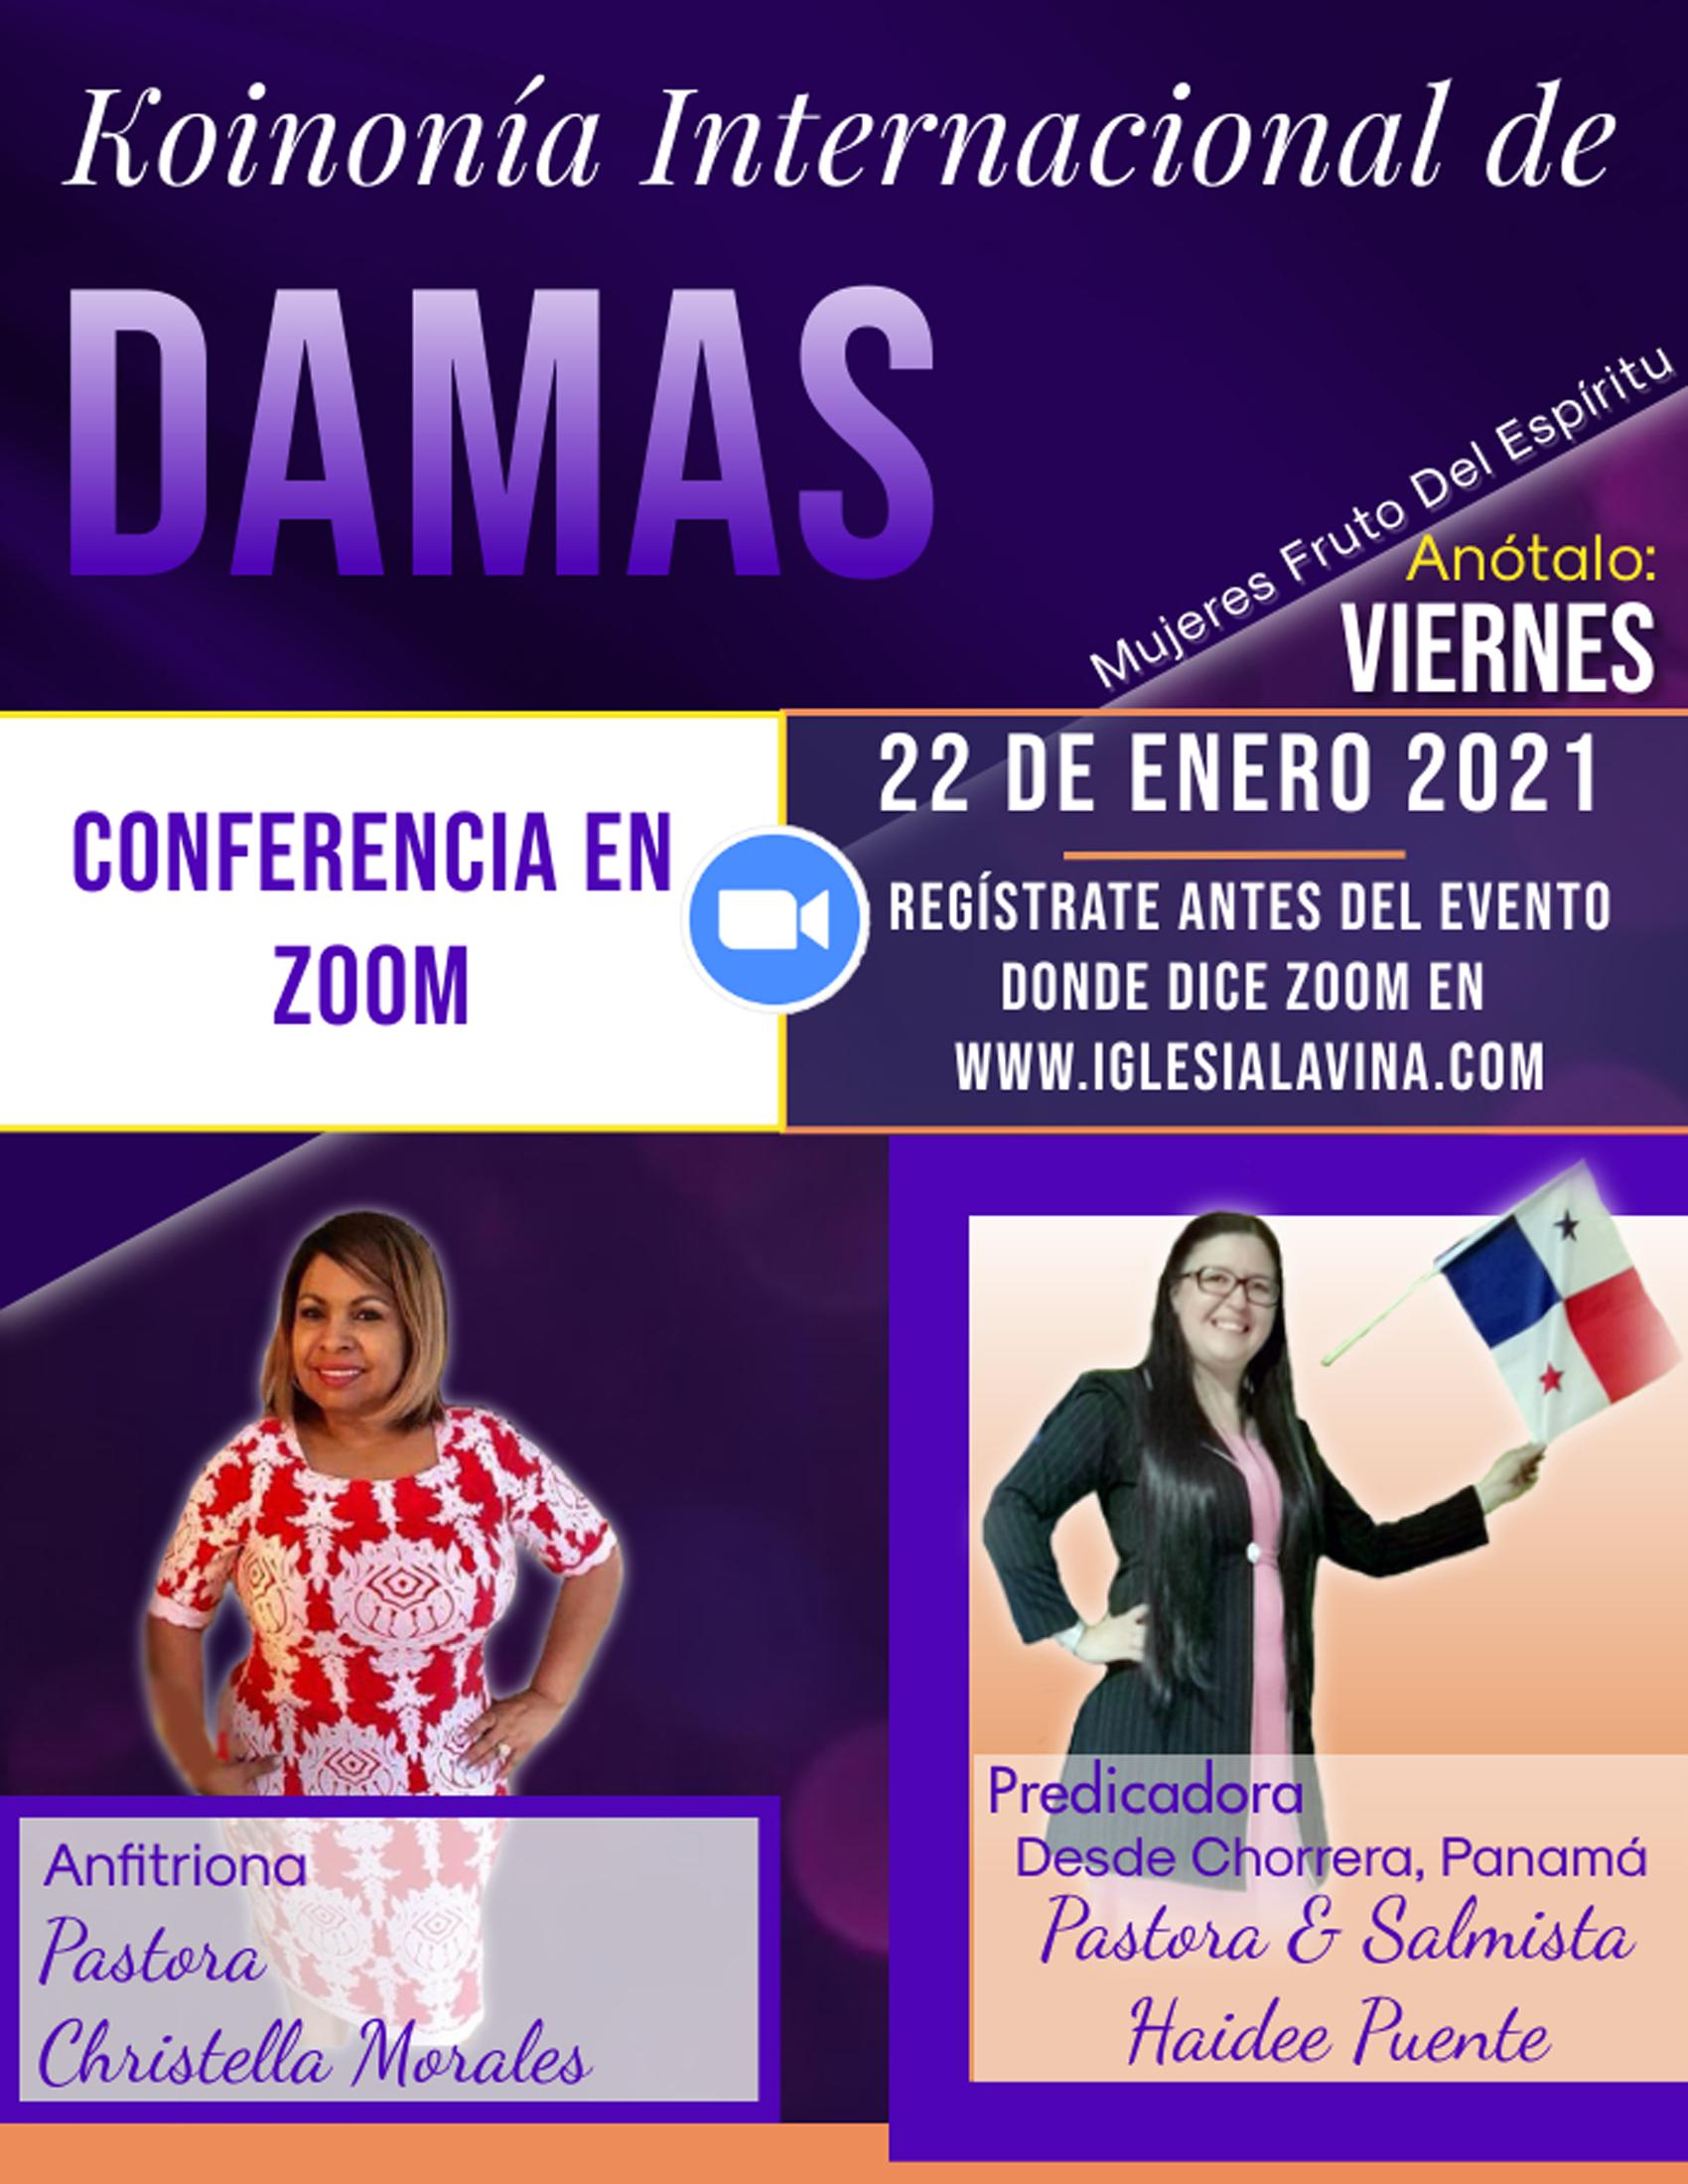 Koinonia de Damas 1-22-2021 - Pastora Ha